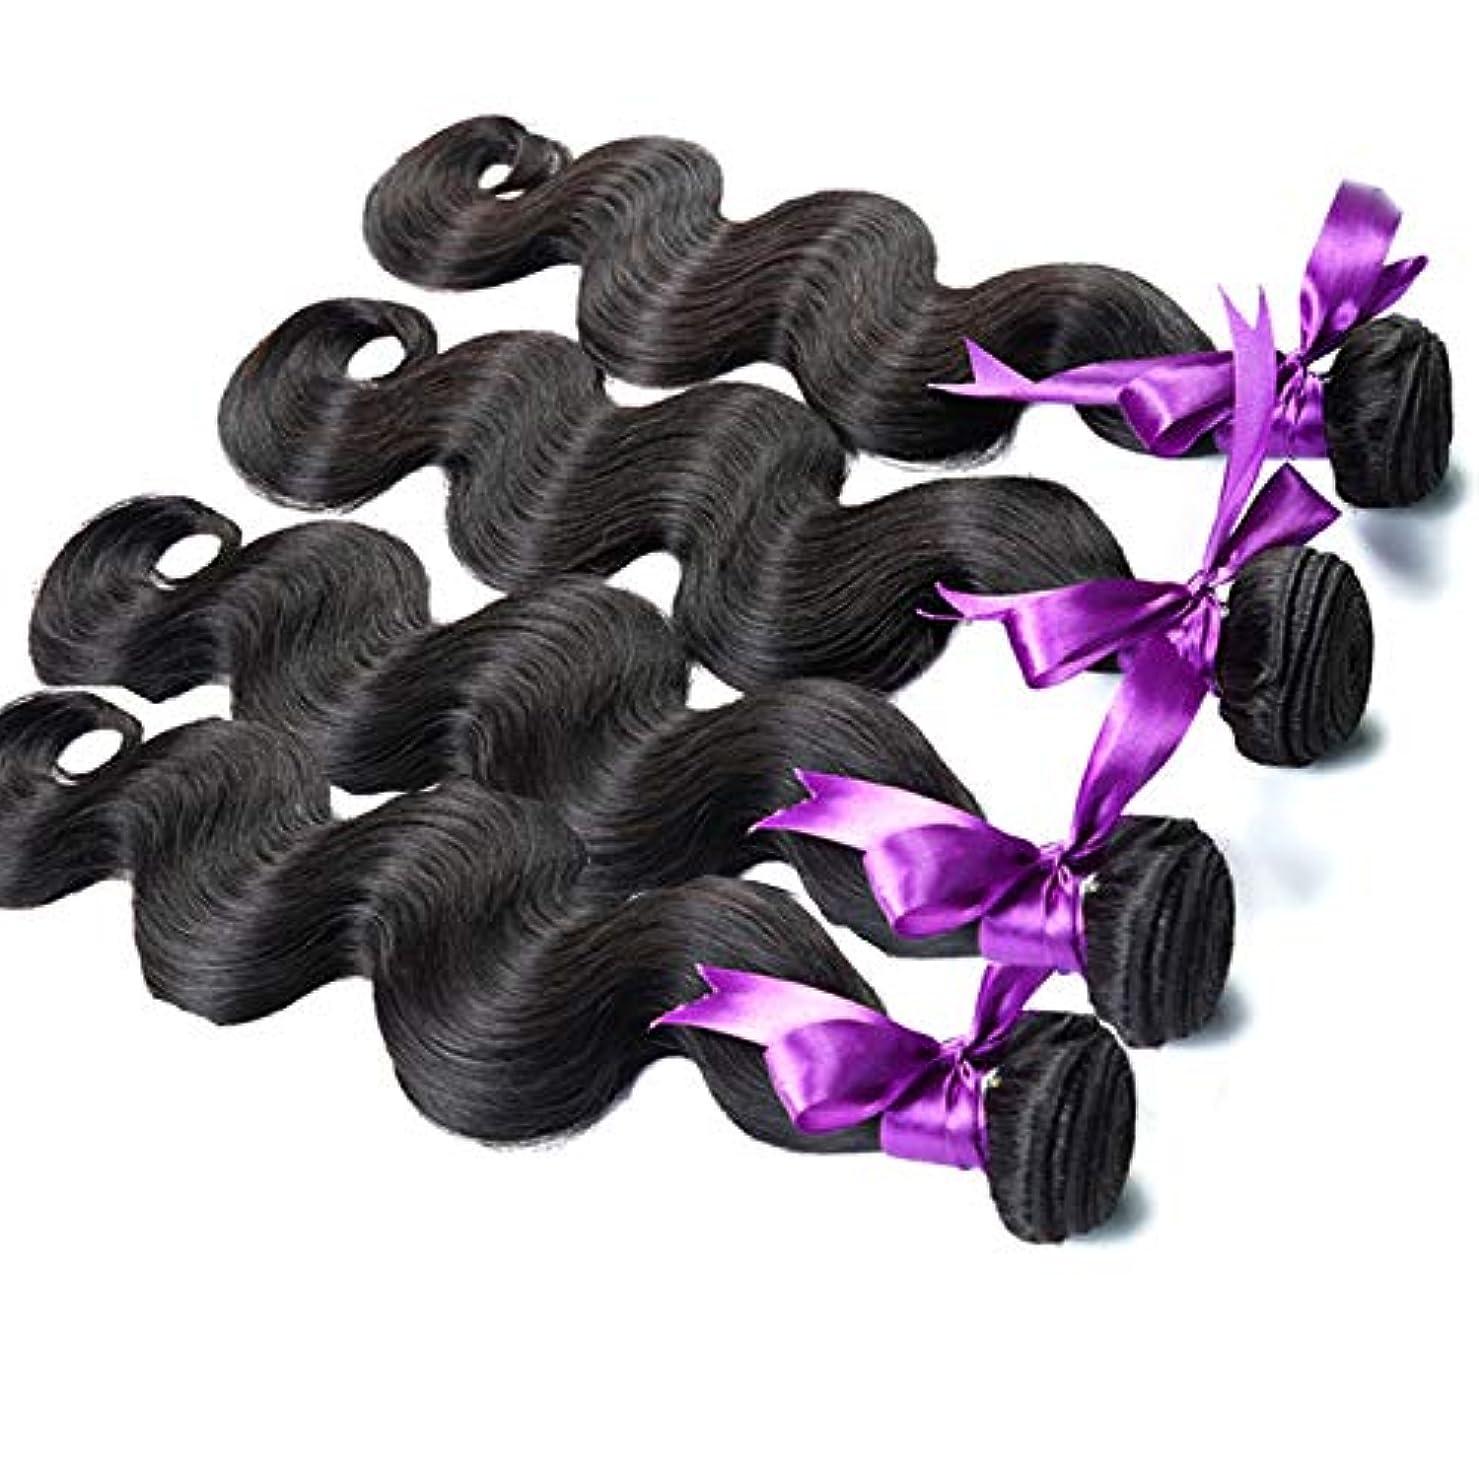 裂け目思われる獲物かつら ヘアエクステンションヘア織り実体波ヘアバンドル8aグレード人間の髪織りナチュラルカラー非レミーヘアエクステンション12-28インチ4バンドル (Stretched Length : 16 18 20 20 inches)